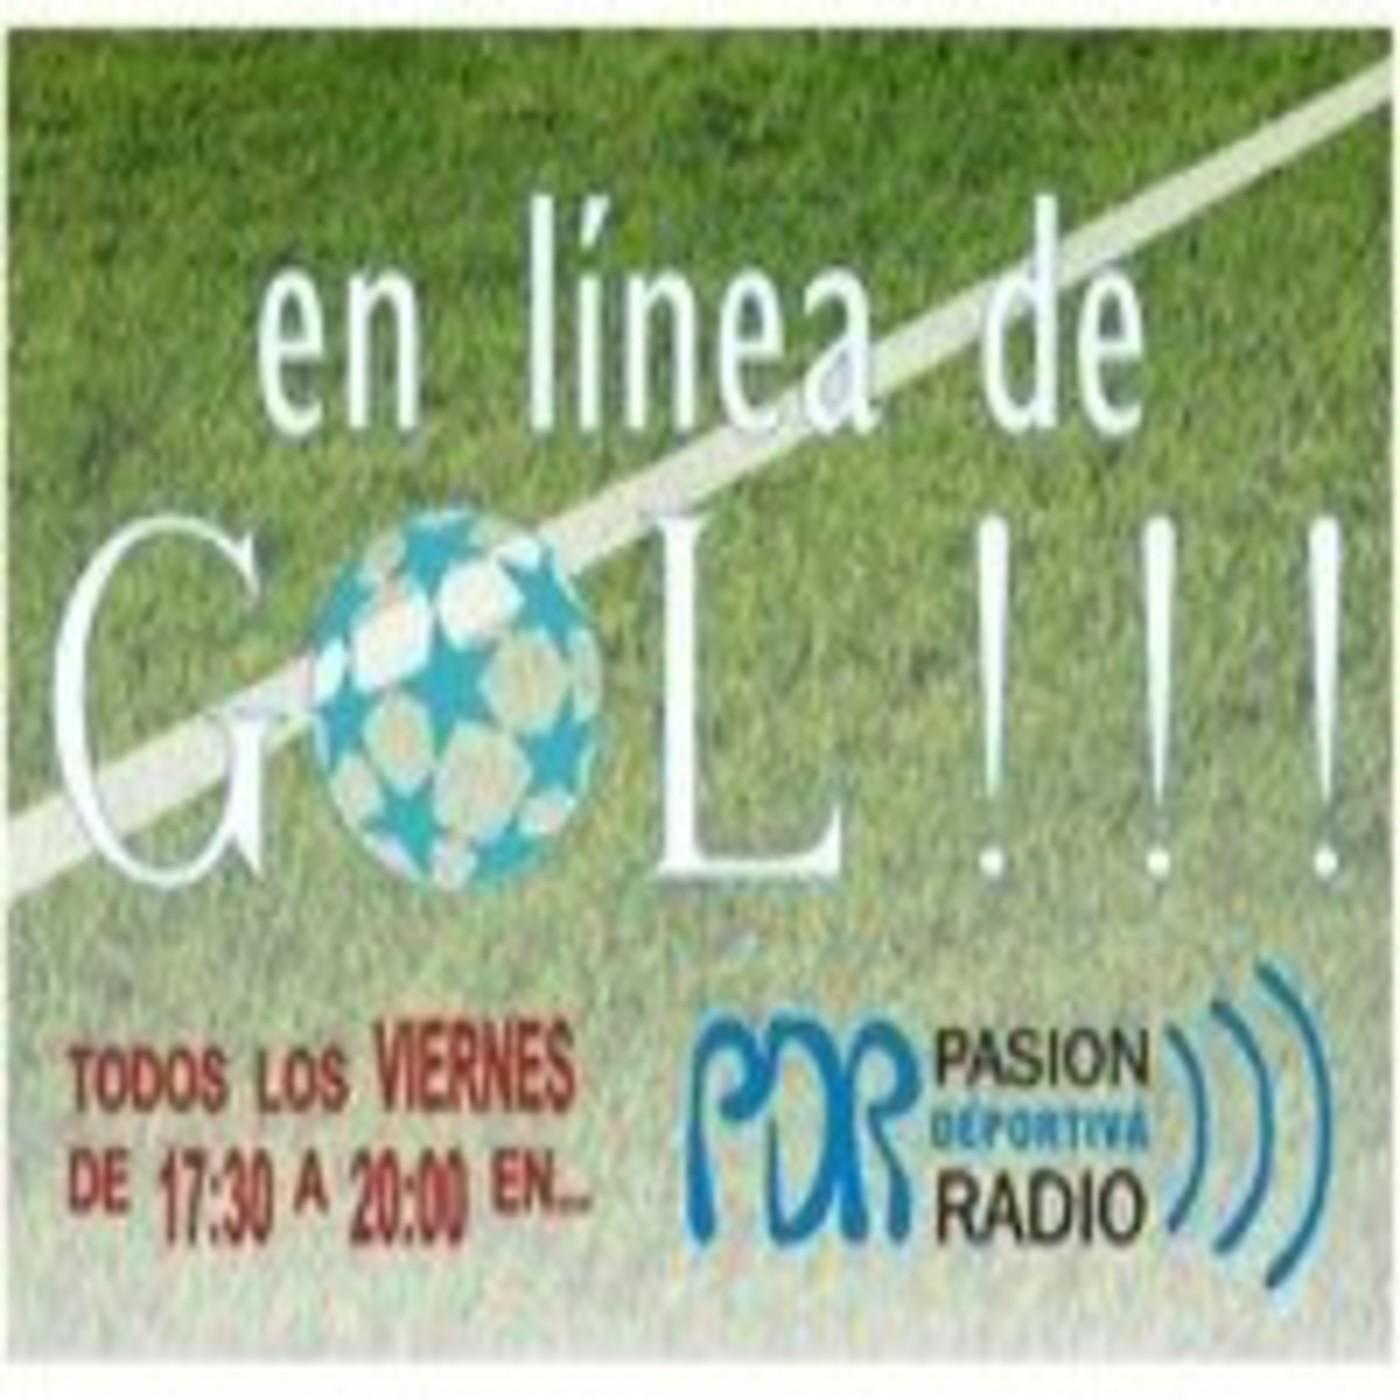 En línea de gol #34 (13-Mayo-2011)